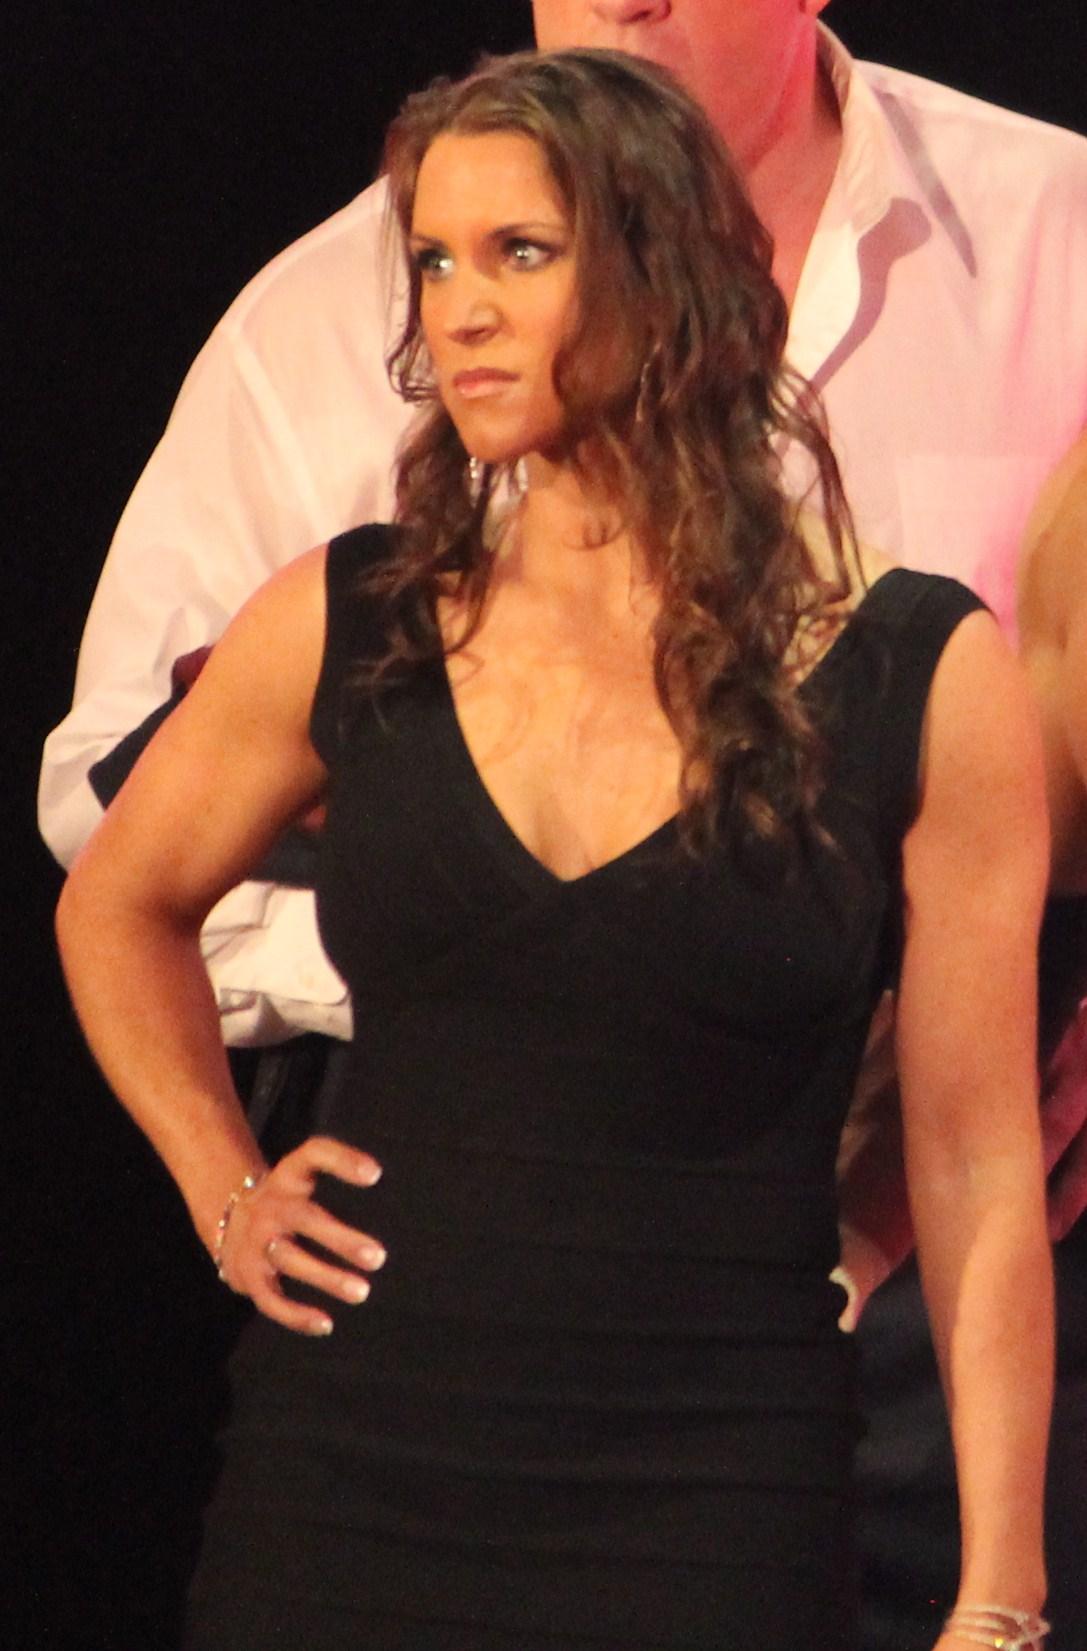 Stephanie McMahon . Original image by  Megan Elice Meadows via Flickr